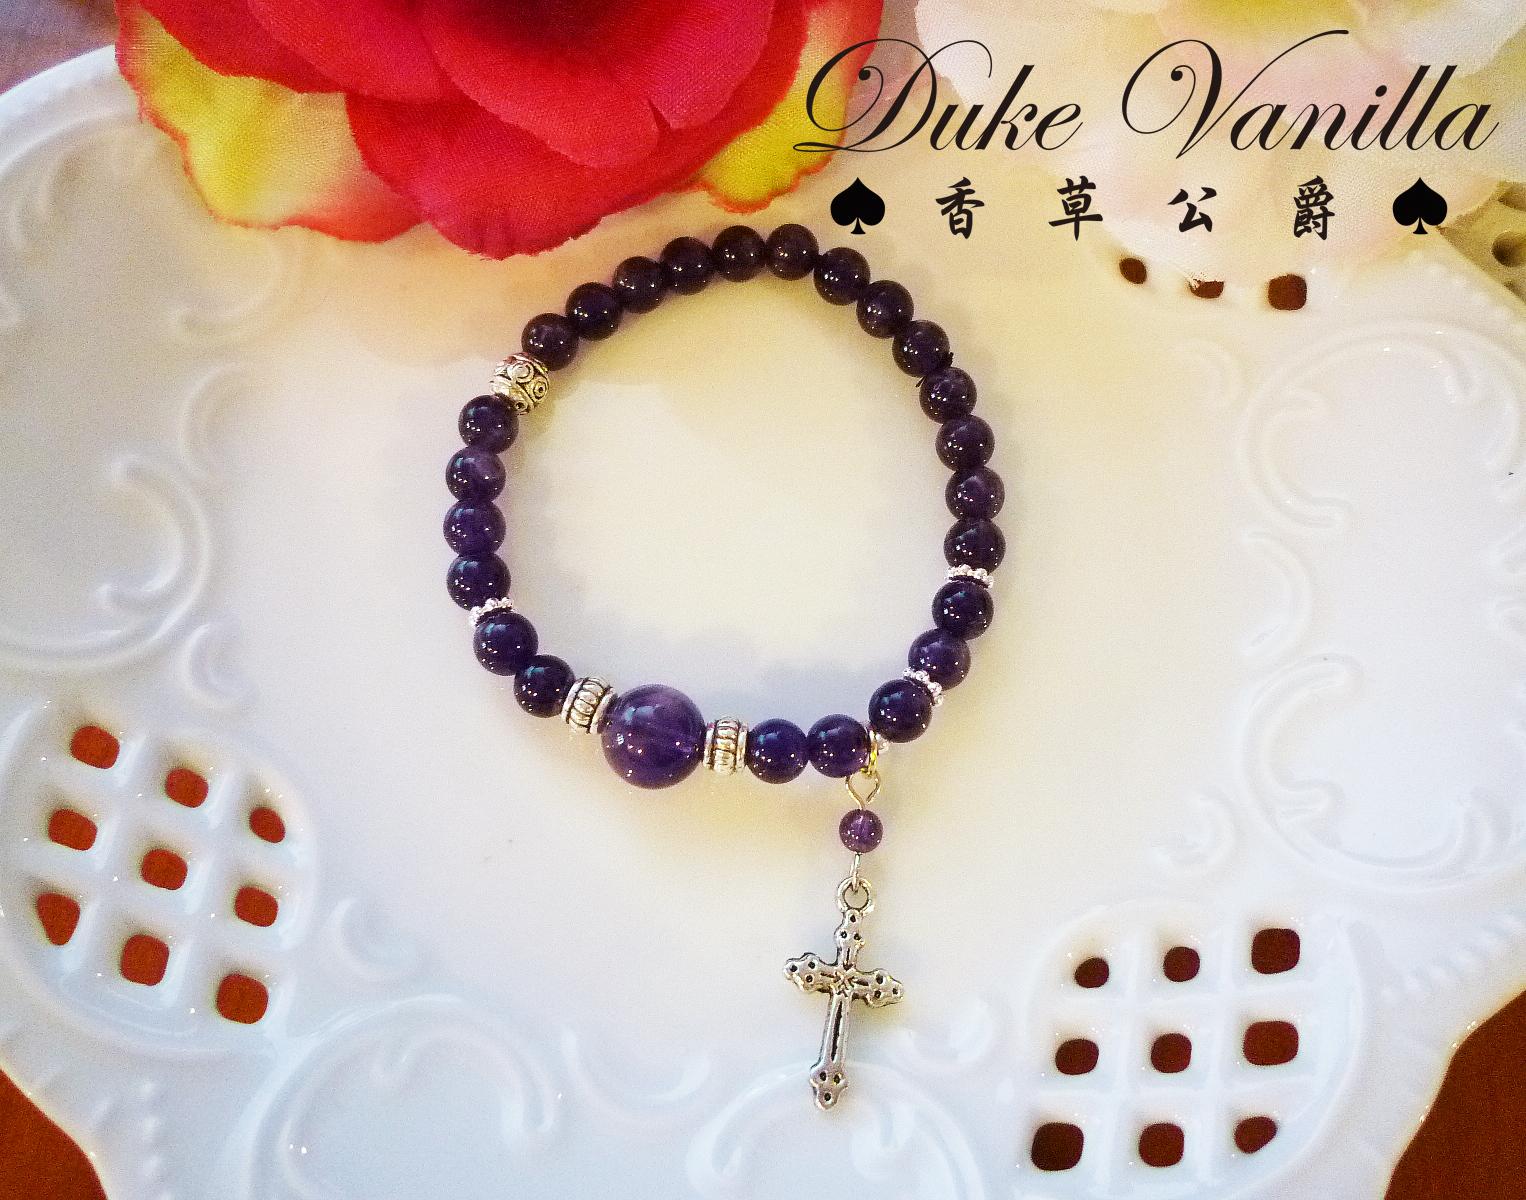 紫水晶十字架手環 - Duke Vanilla 香草公爵